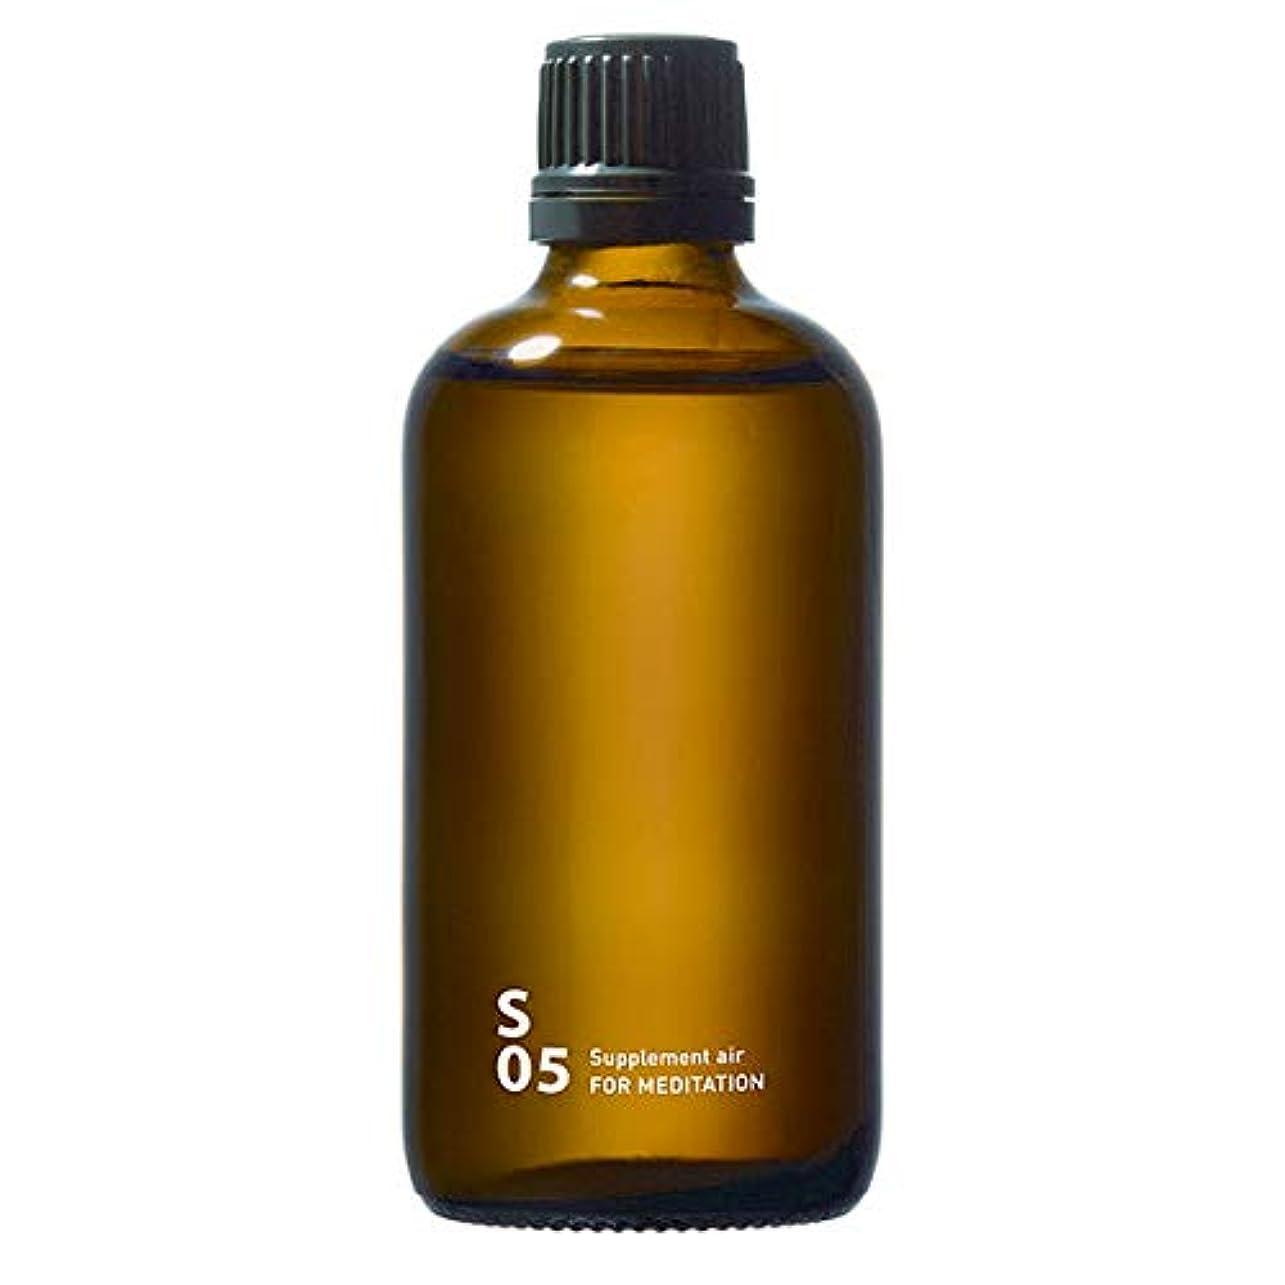 差し迫った究極の魔術師S05 FOR MEDITATION piezo aroma oil 100ml